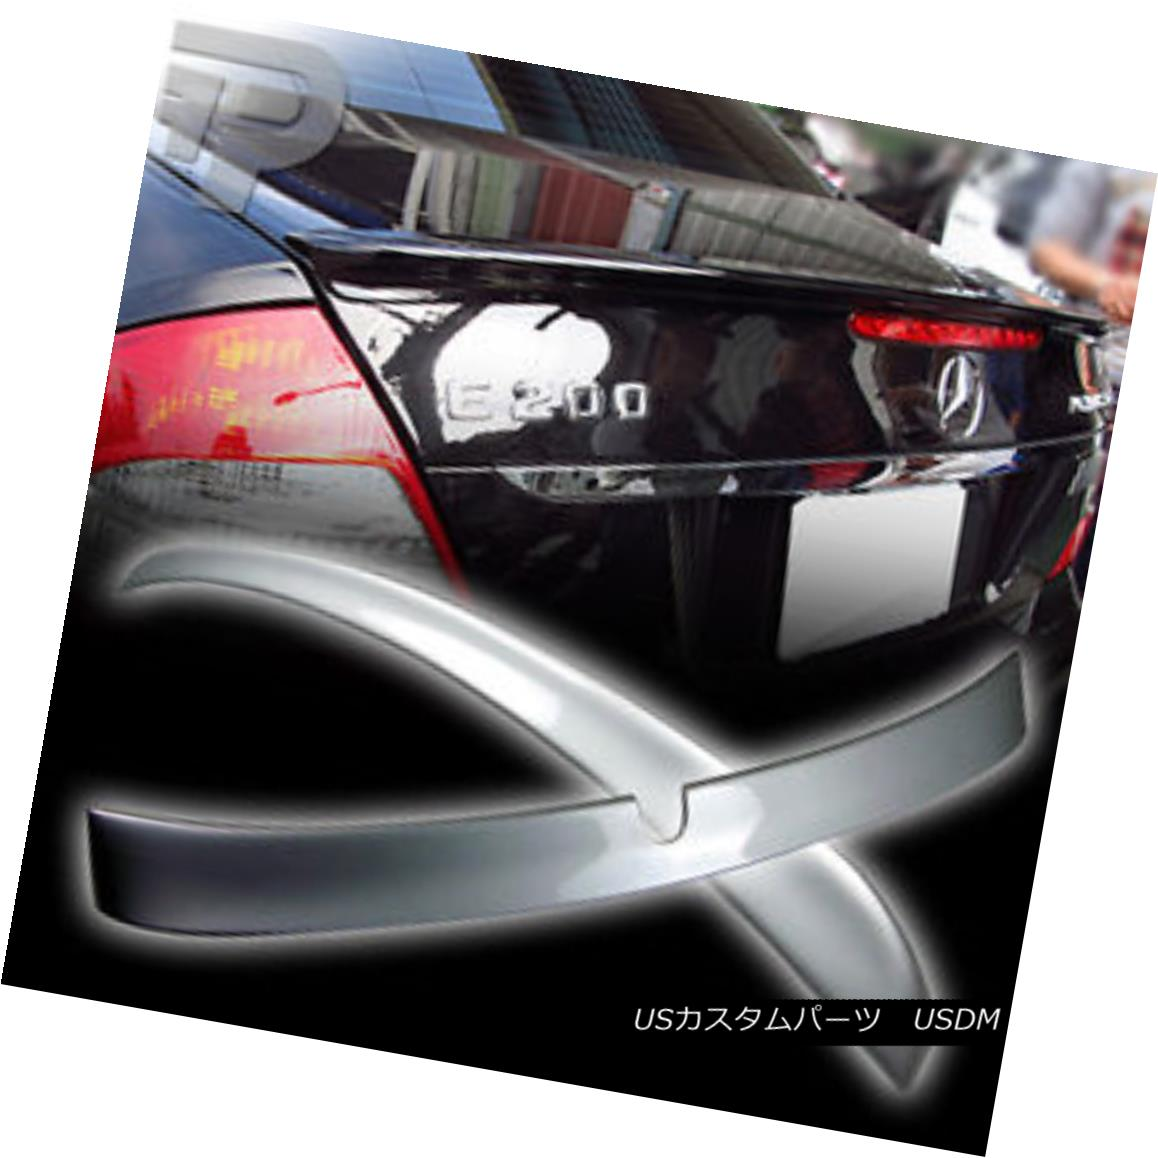 エアロパーツ PAINTED Mercedes BENZ W211 L ROOF WING & A BOOT TRUNK SPOILER 02+ ▼ ペイントされたメルセデスベンツW211 Lルーフウィング& BOOT TRUNK SPOILER 02+?